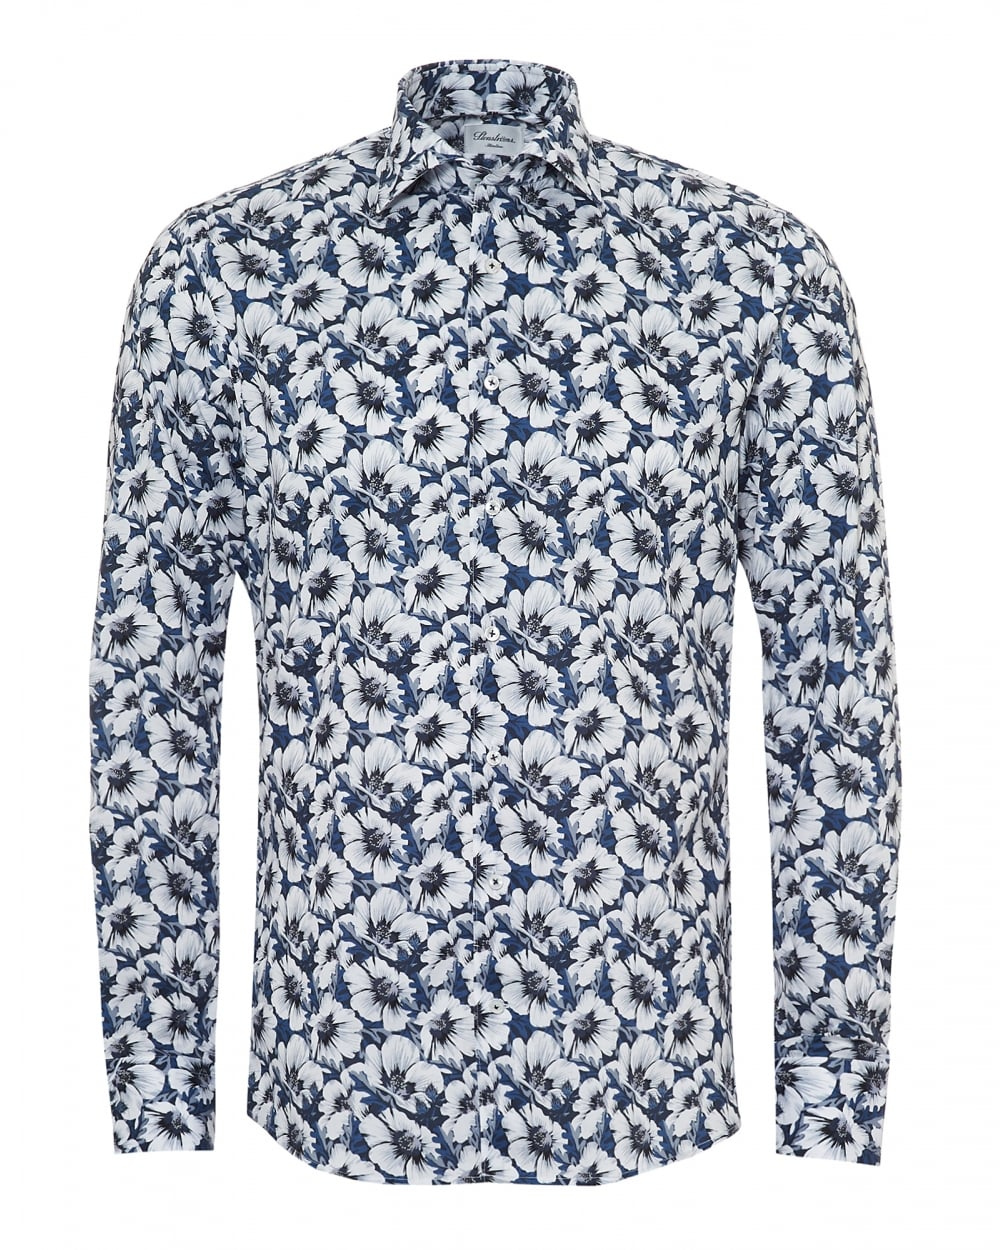 ef8aaf75996 Stenströms Mens Large Flower Print Slimline Navy Blue White Shirt